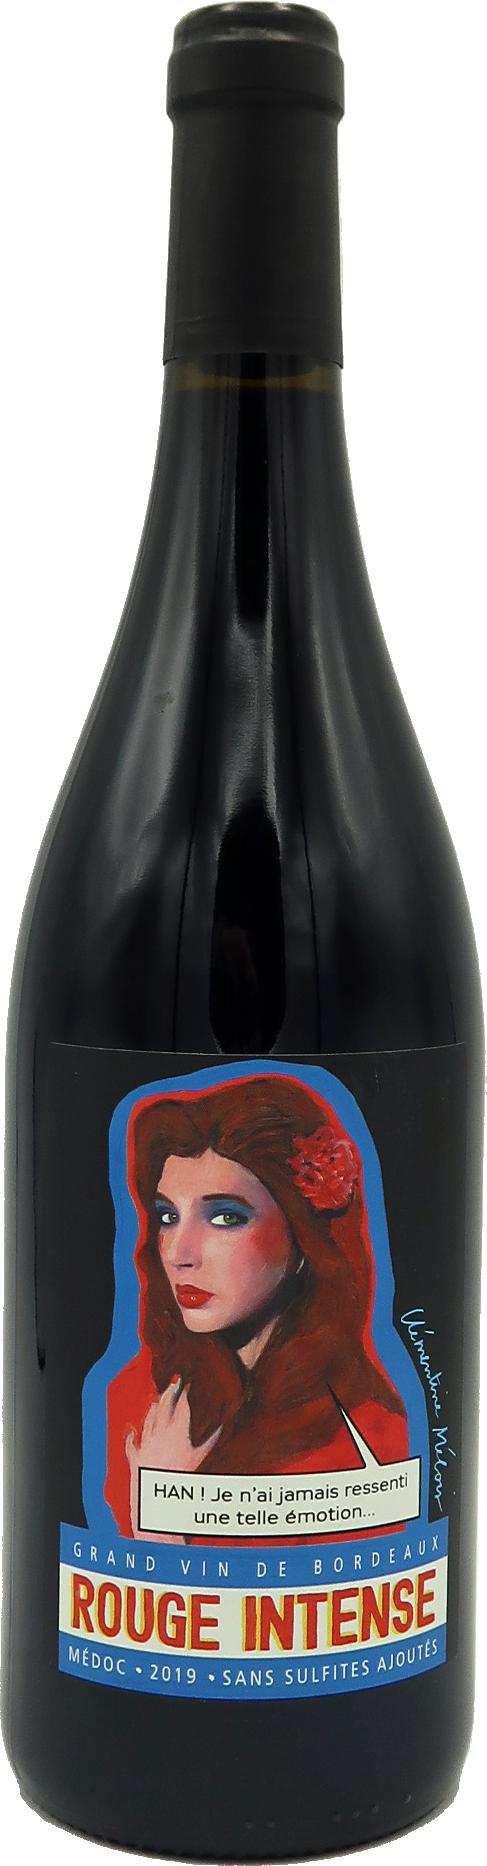 Rouge Intense 2019 - Château La Gorce - Médoc